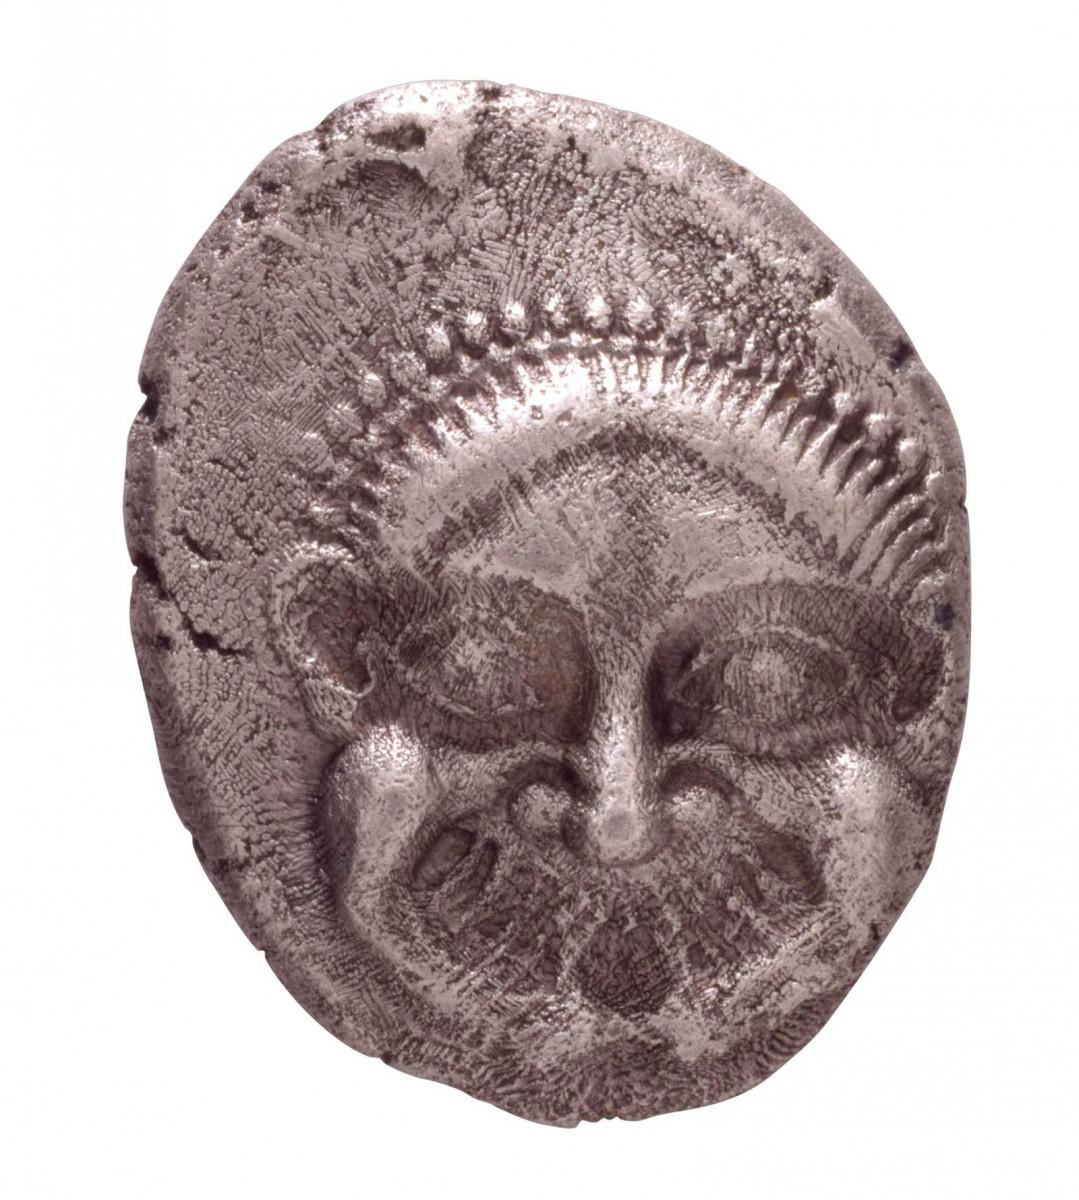 Αθηναϊκό τετράδραχμο με γοργόνειο, β' μισό 6ου αι. π.Χ., Νομισματικό Μουσείο, Αθήνα.